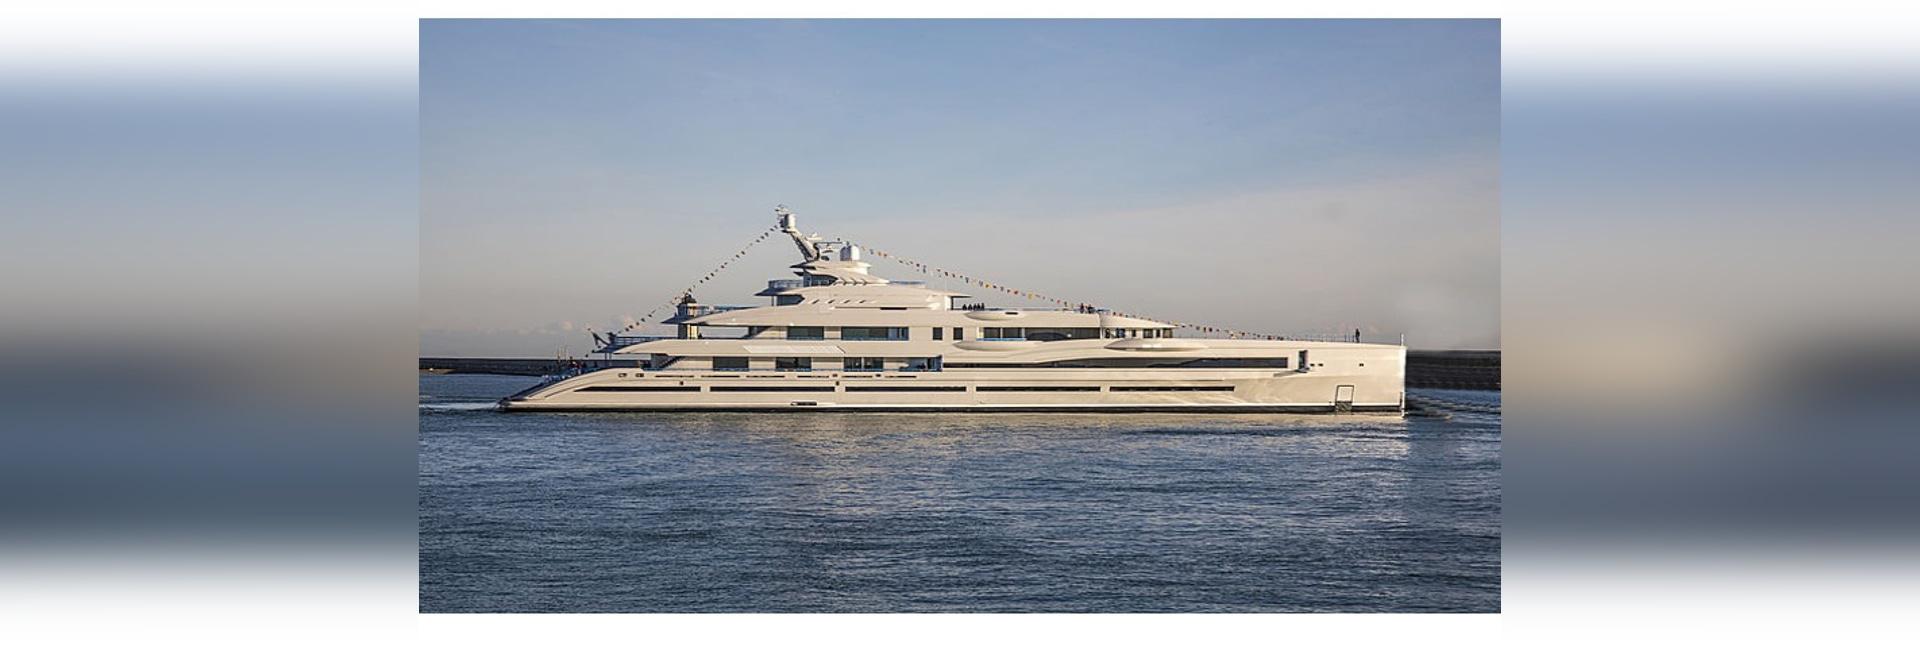 Lanzado: Mirada más atenta en el nuevo superyacht FB 277 del 107m Benetti